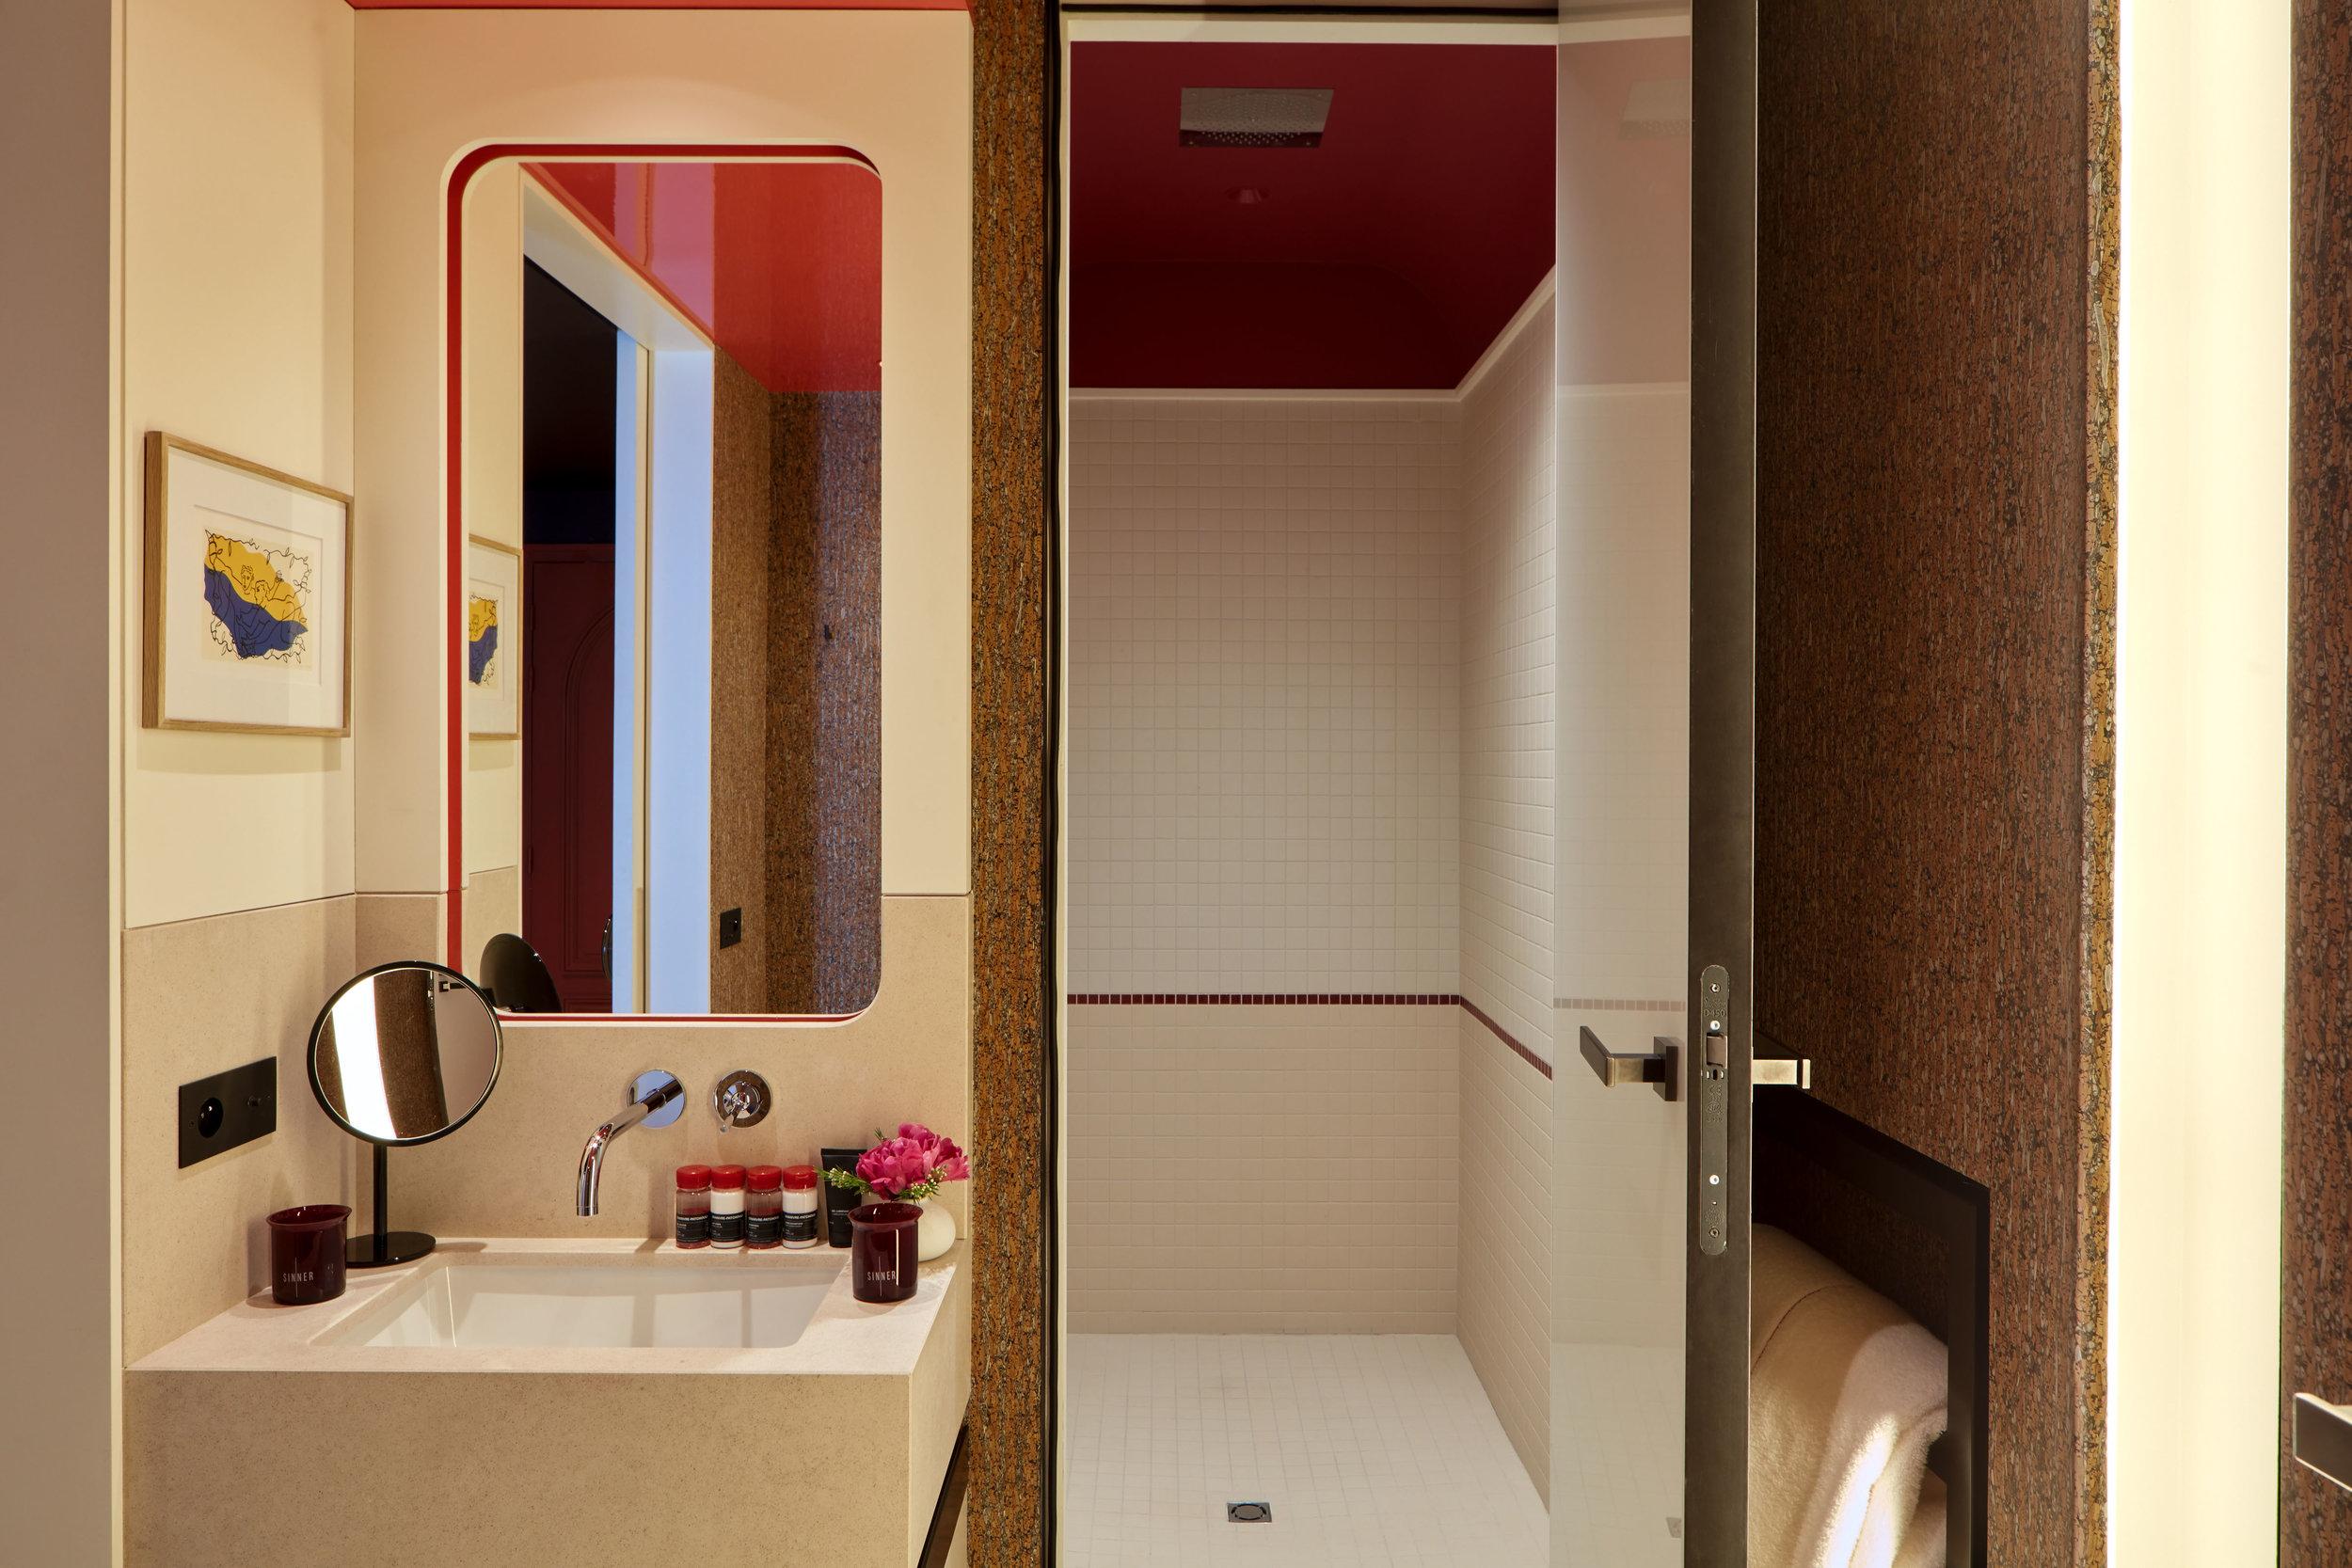 37 - Bathroom Nicolas_Receveur.jpg